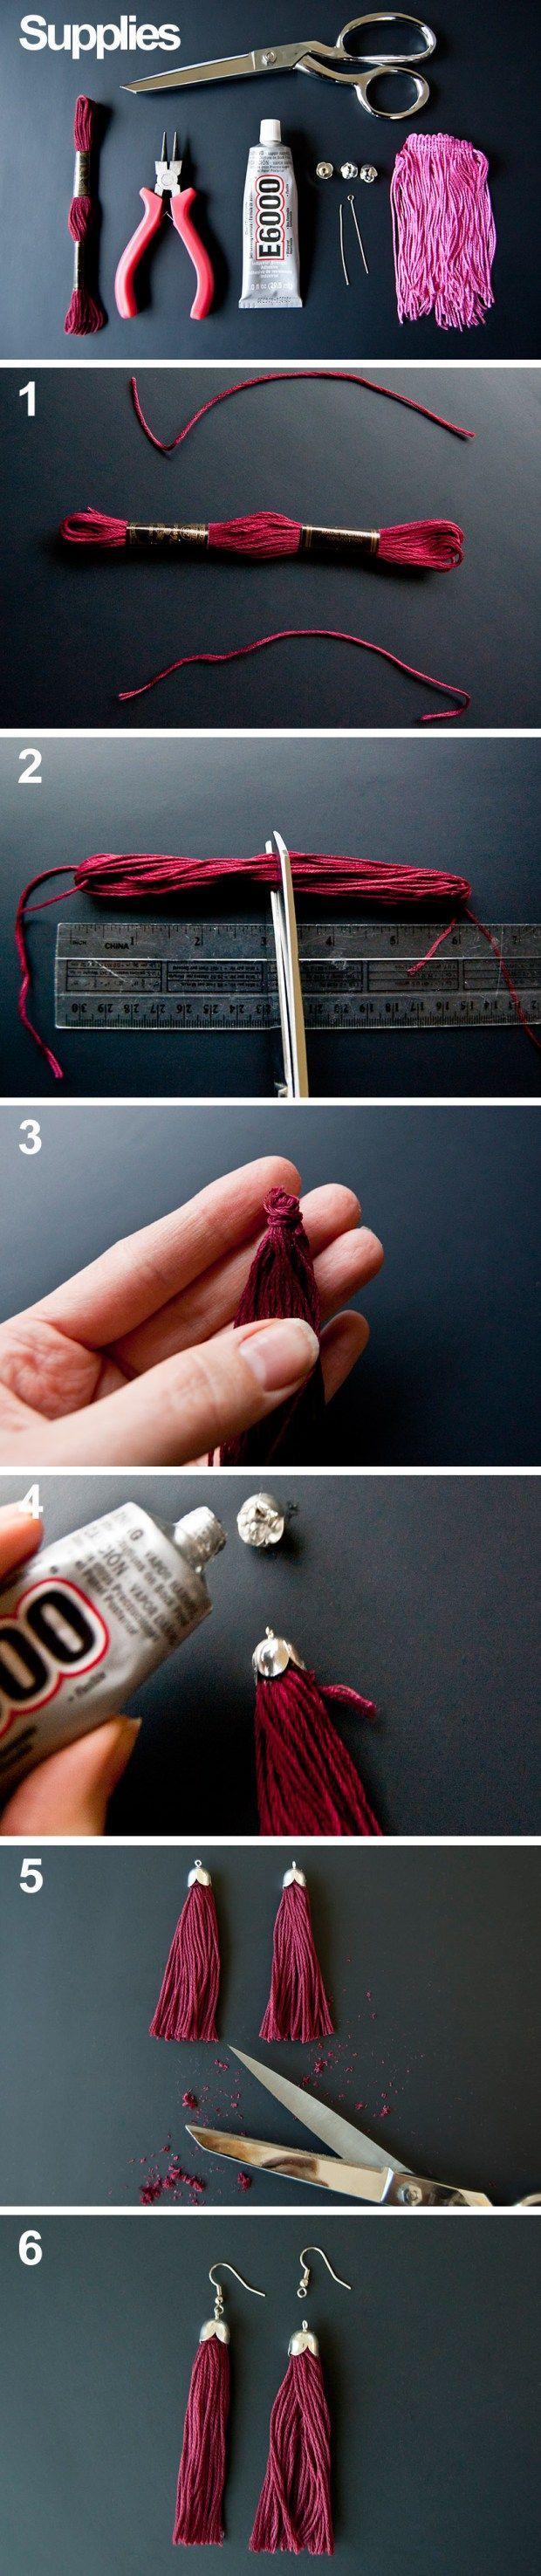 DIY tassel earrings tutorial                                                                                                                                                                                 More